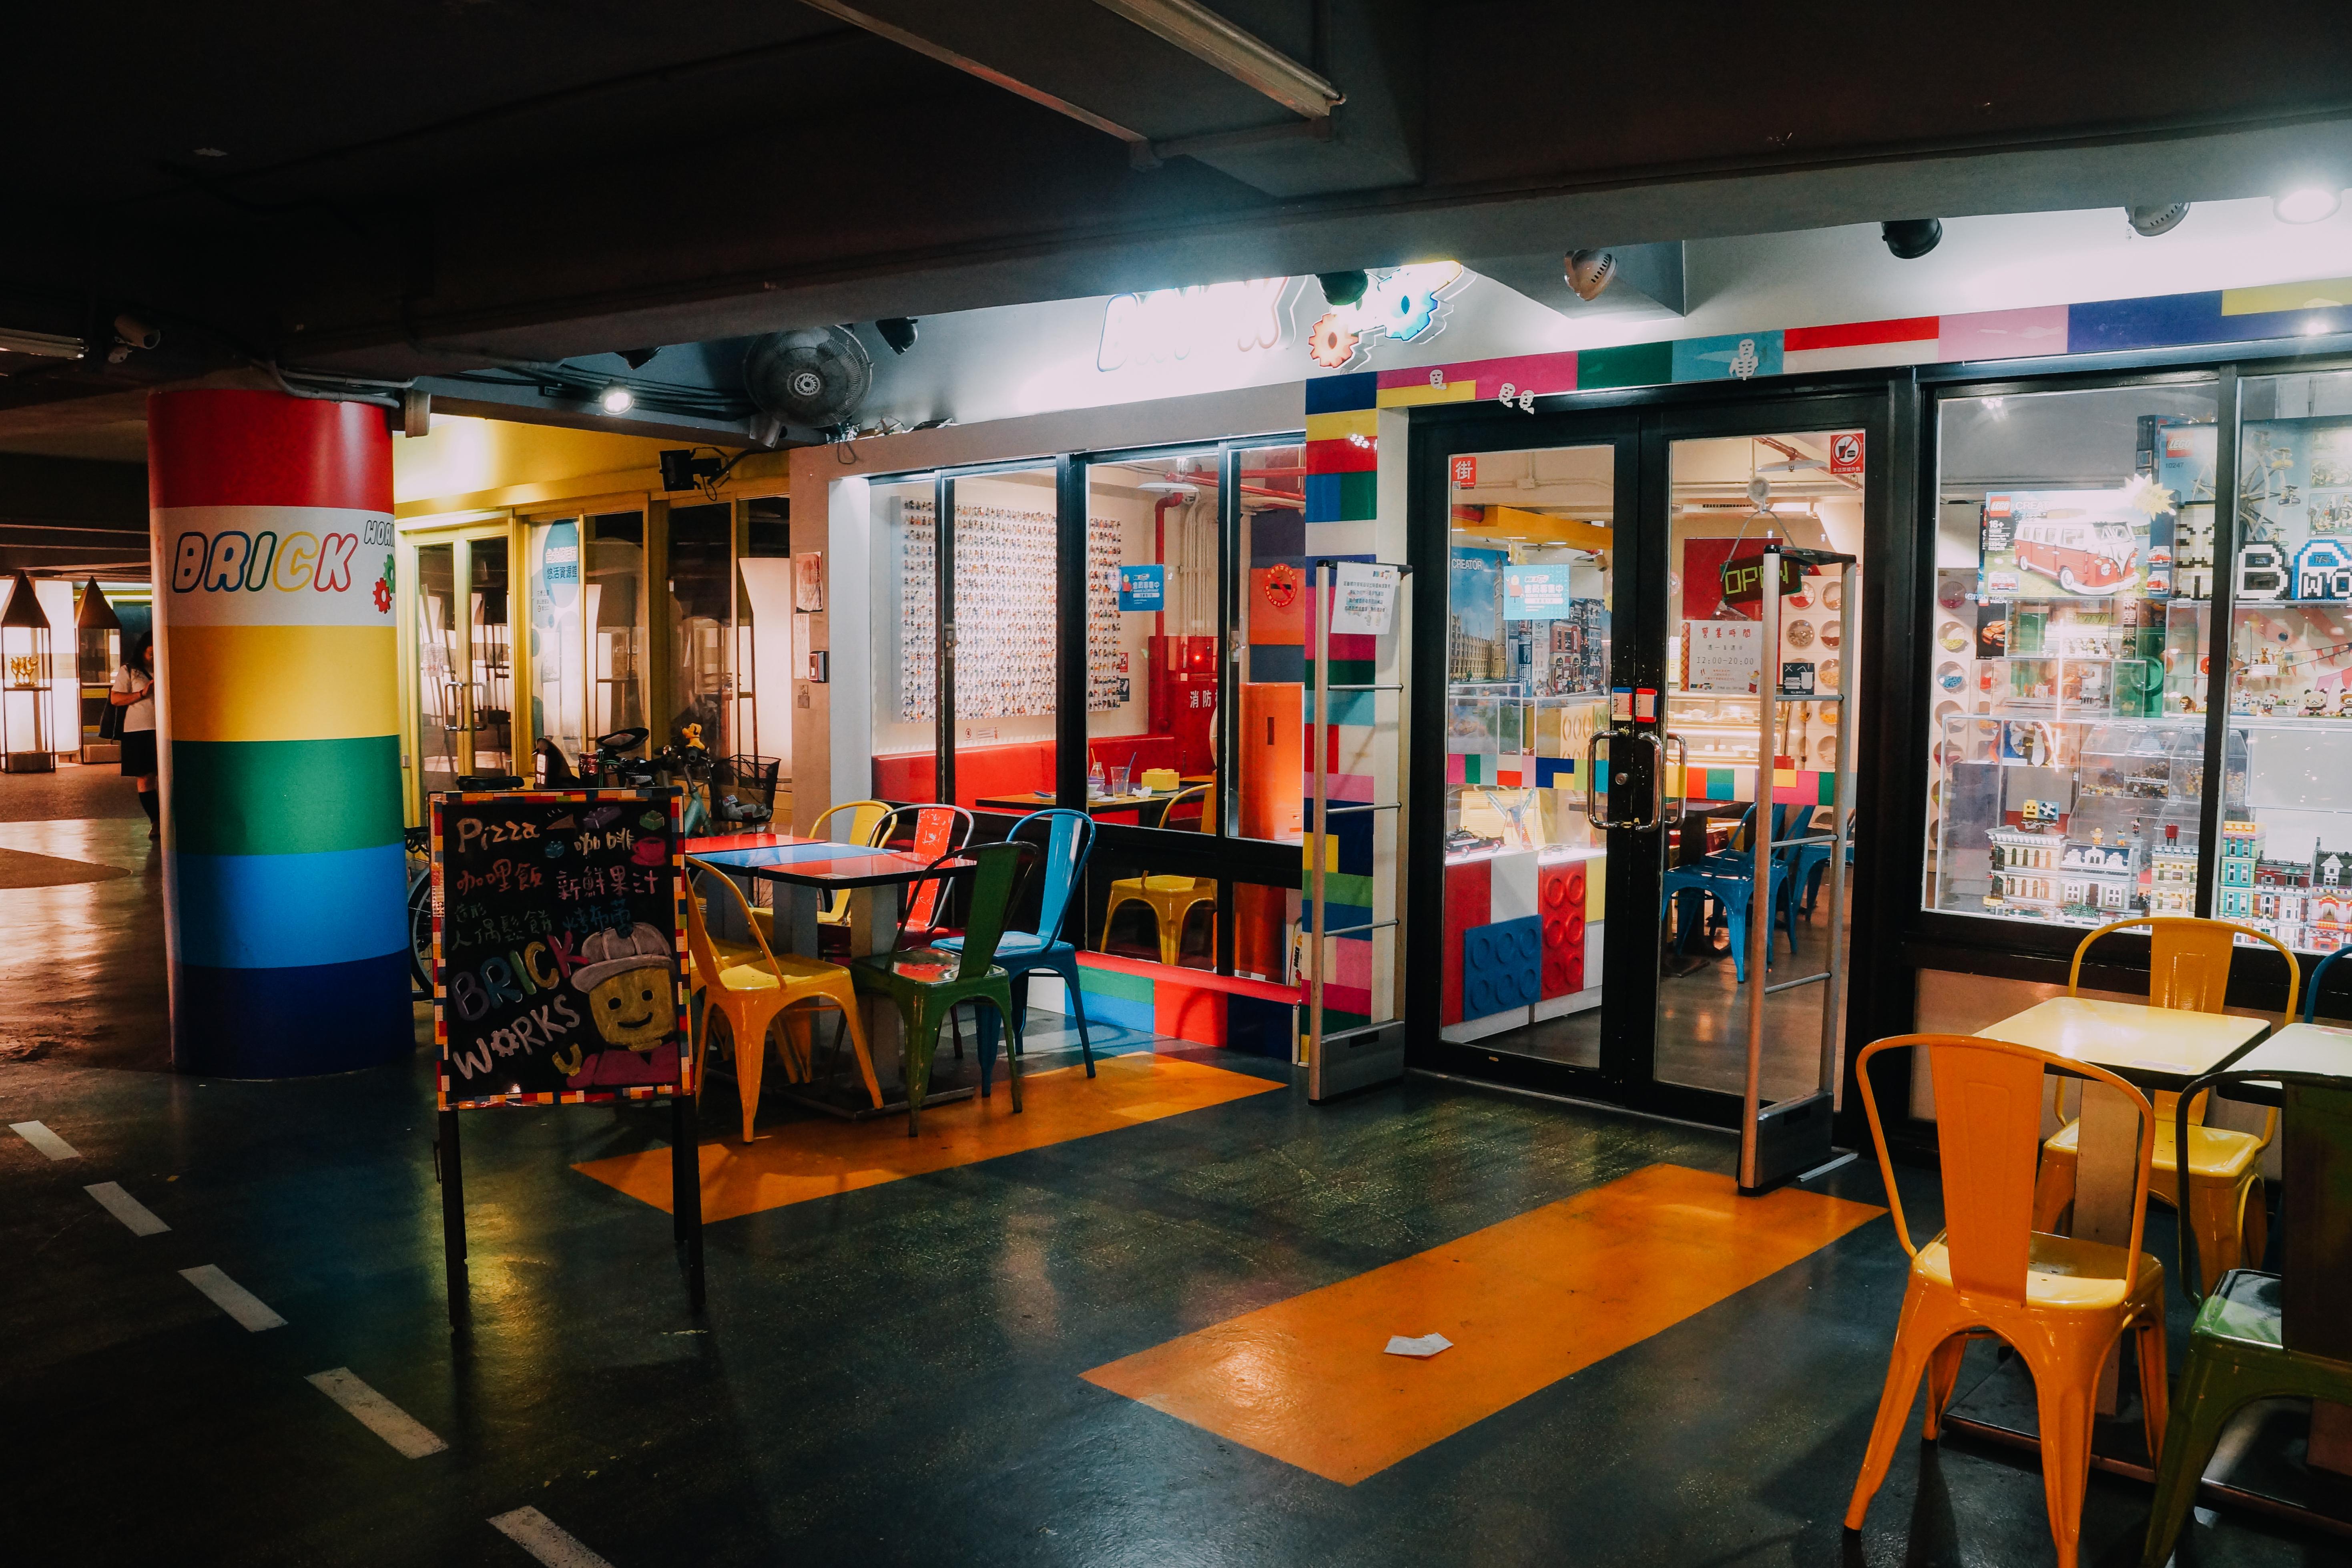 以積木玩具為主題的餐廳,裝潢鮮豔的配色充滿童趣。攝影/潘姿穎